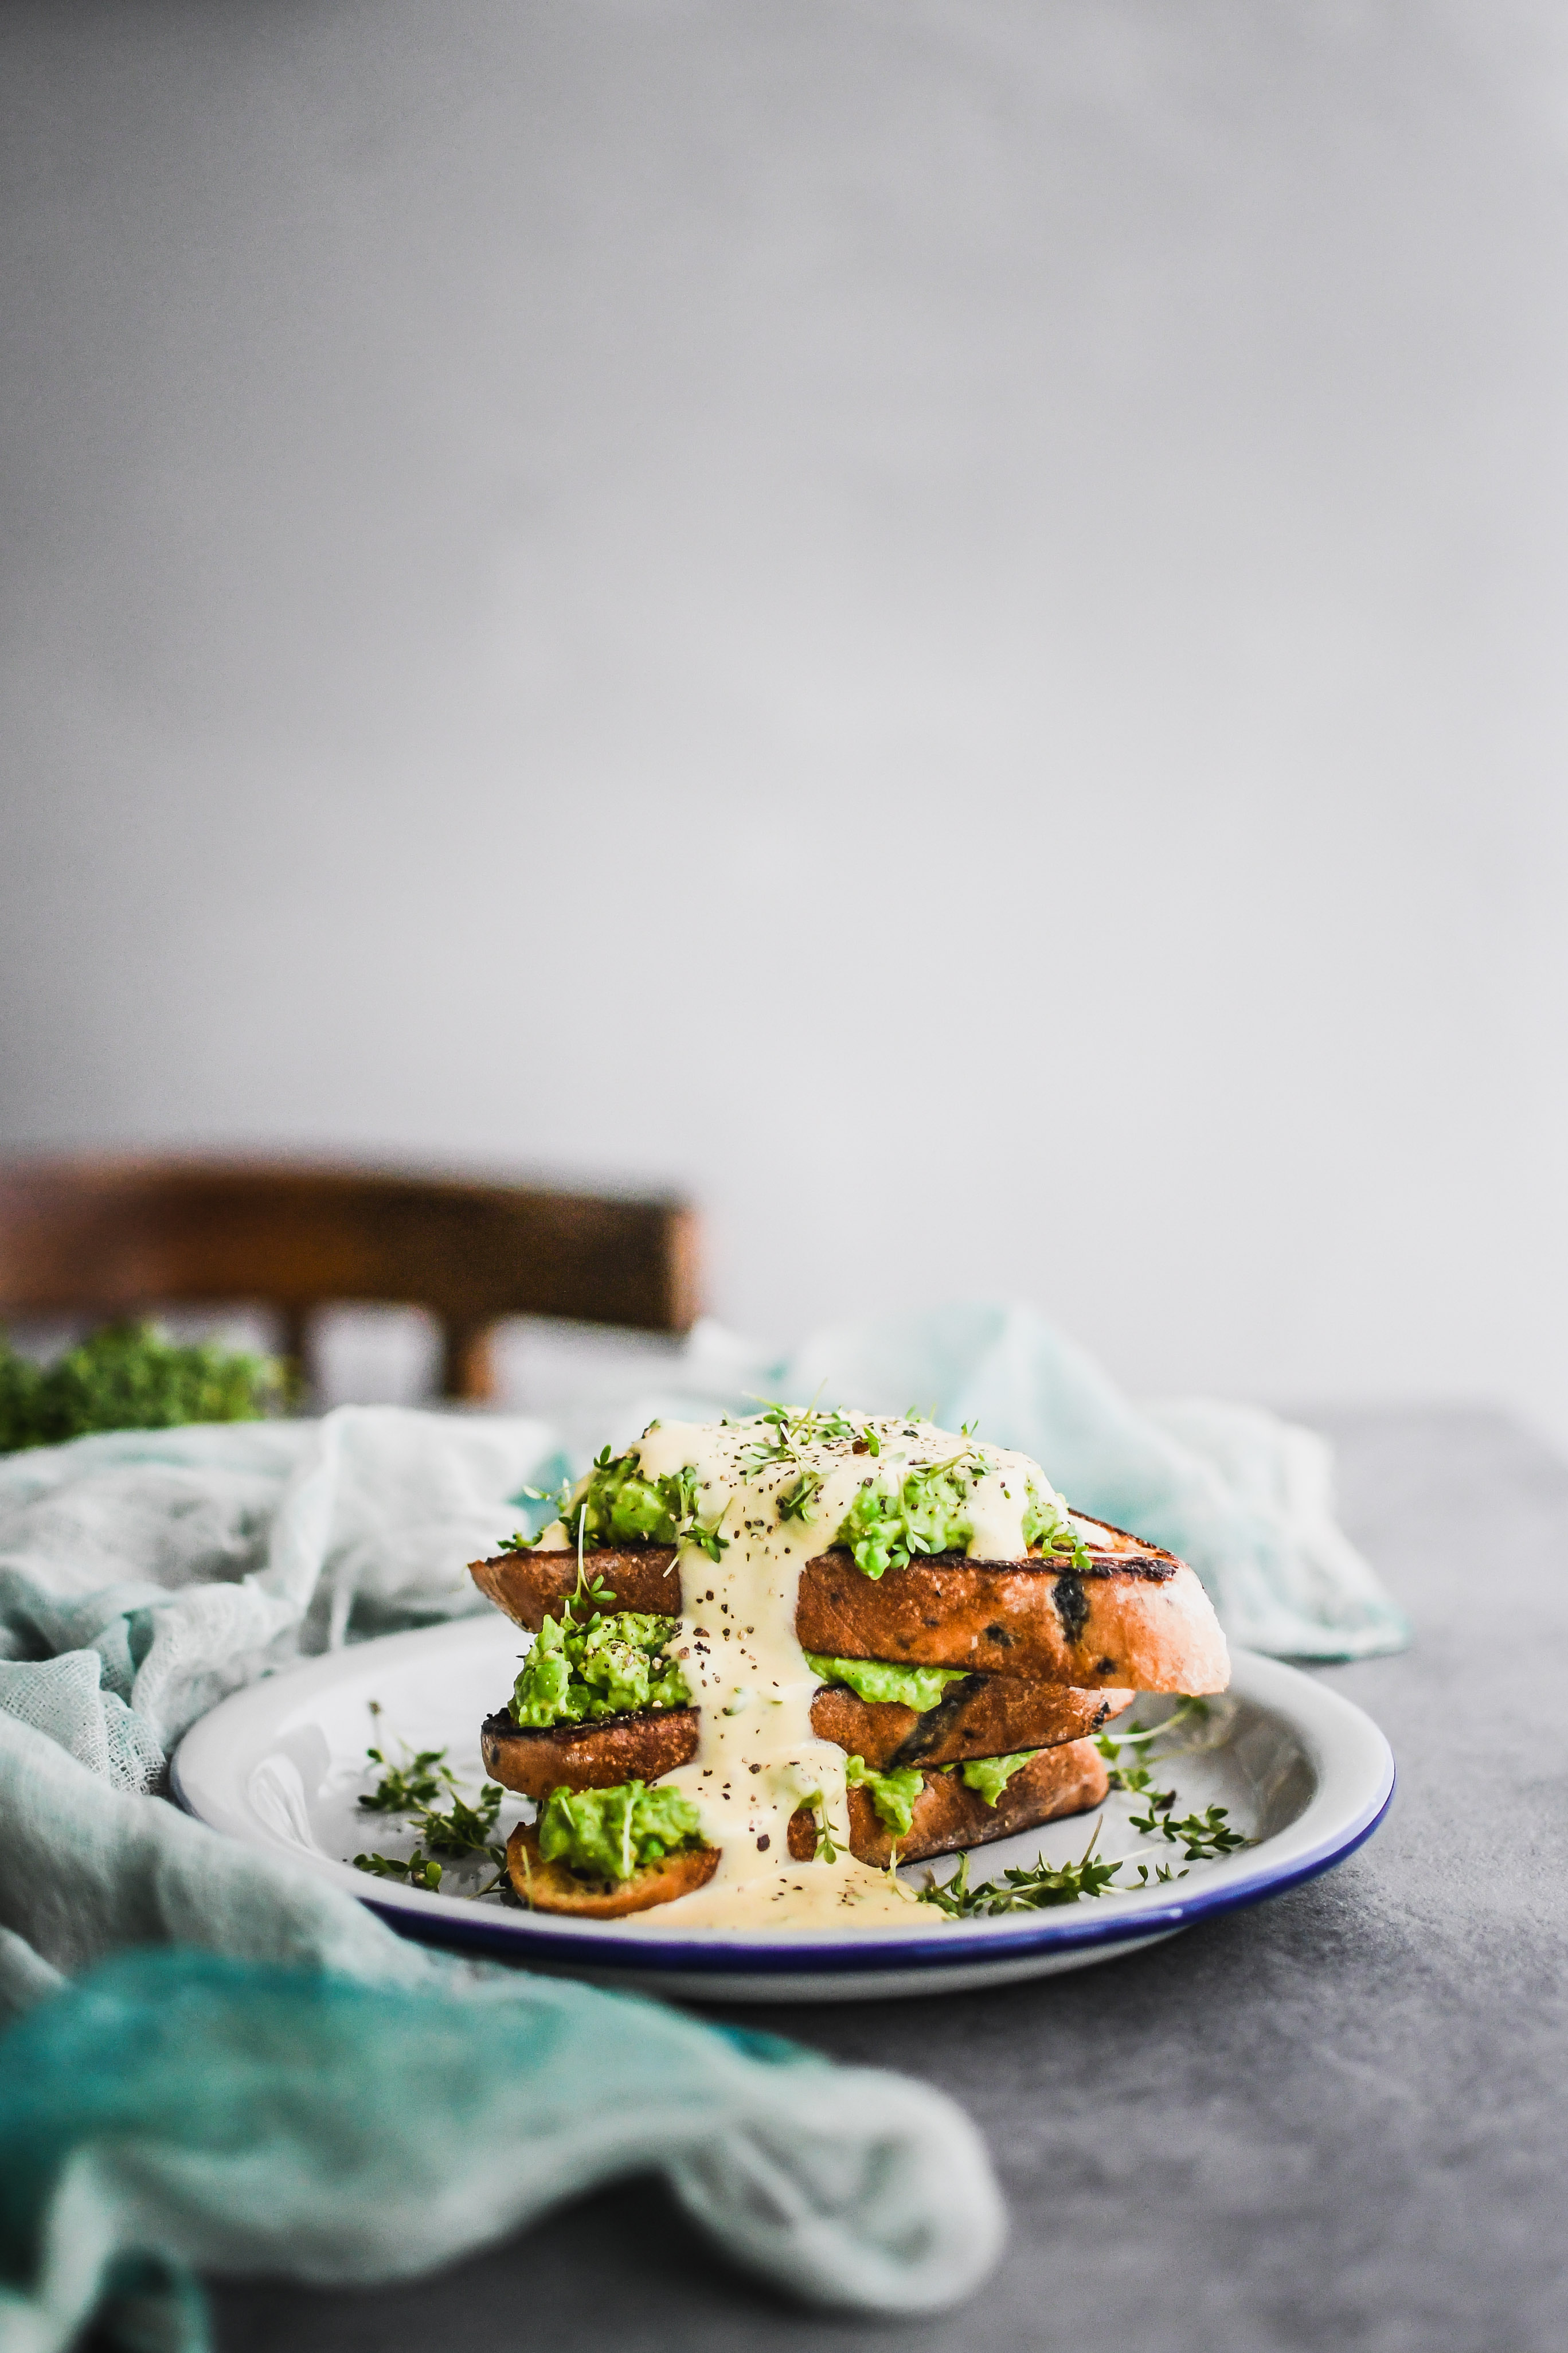 chlebík vo vajíčku s hráškovou nátierkou french toast with peas and hollandaise